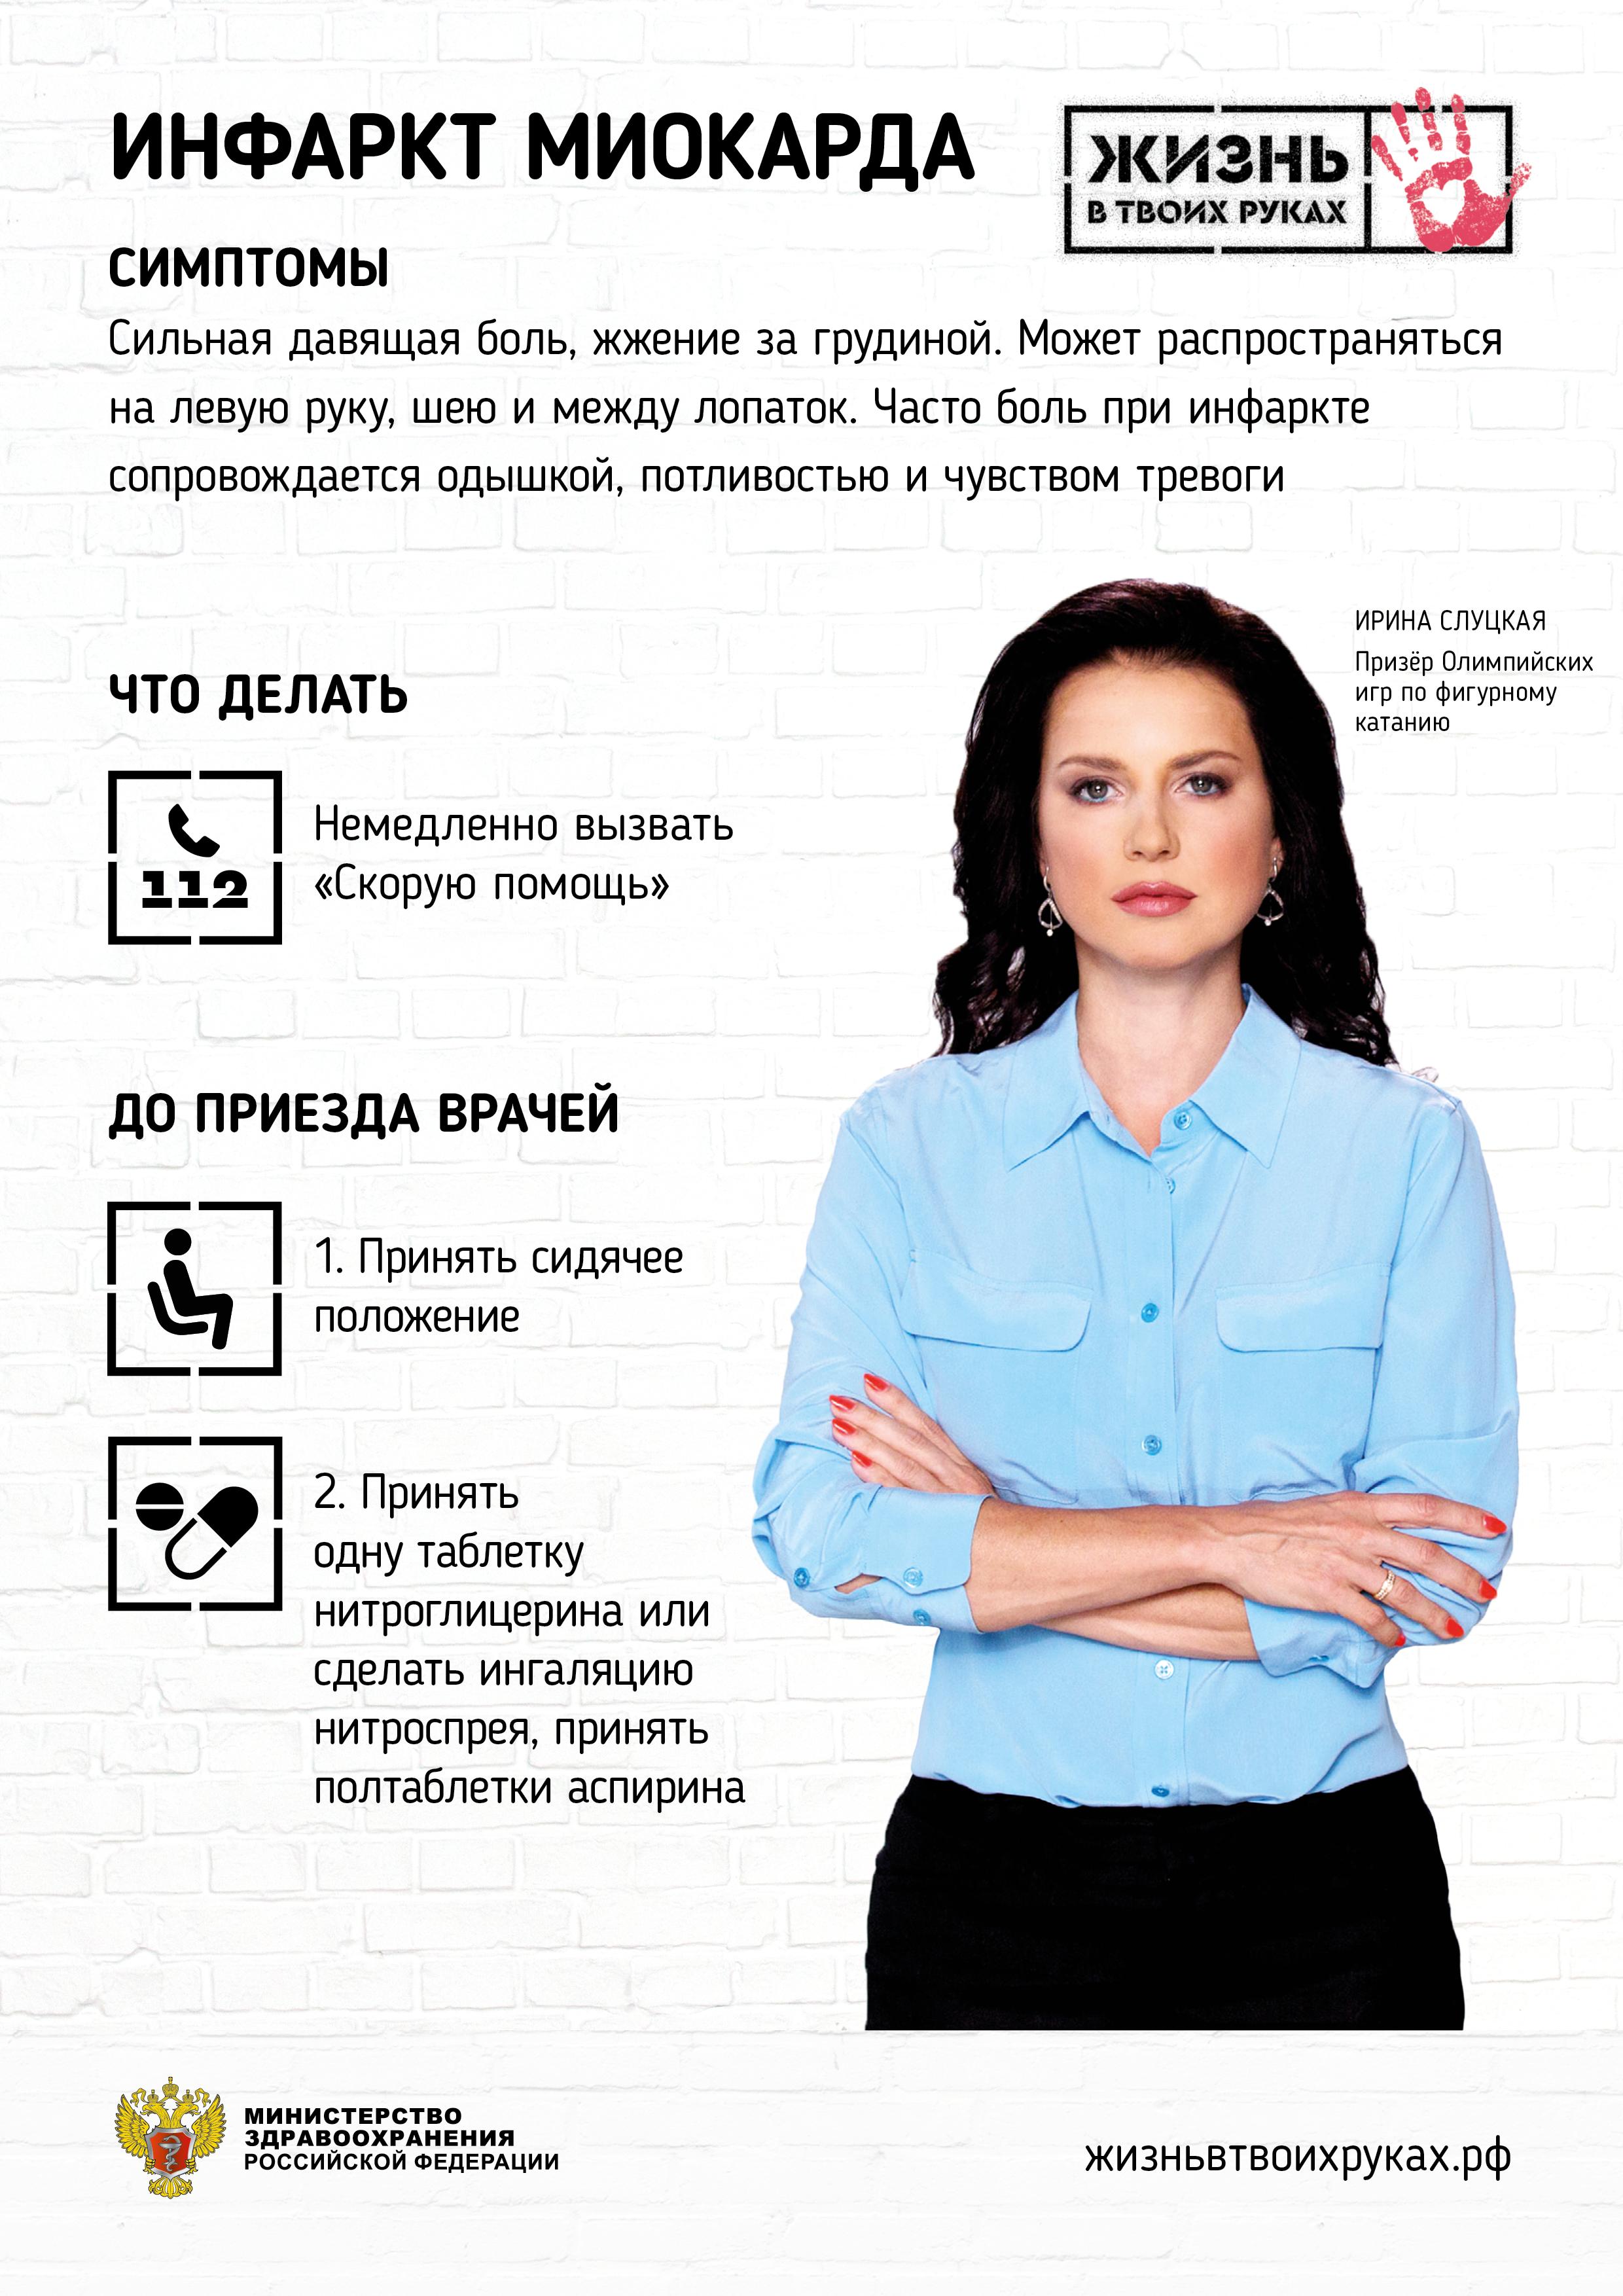 Спортсменка Ирина Слуцкая рассказывает, как распознать у человека инфаркт